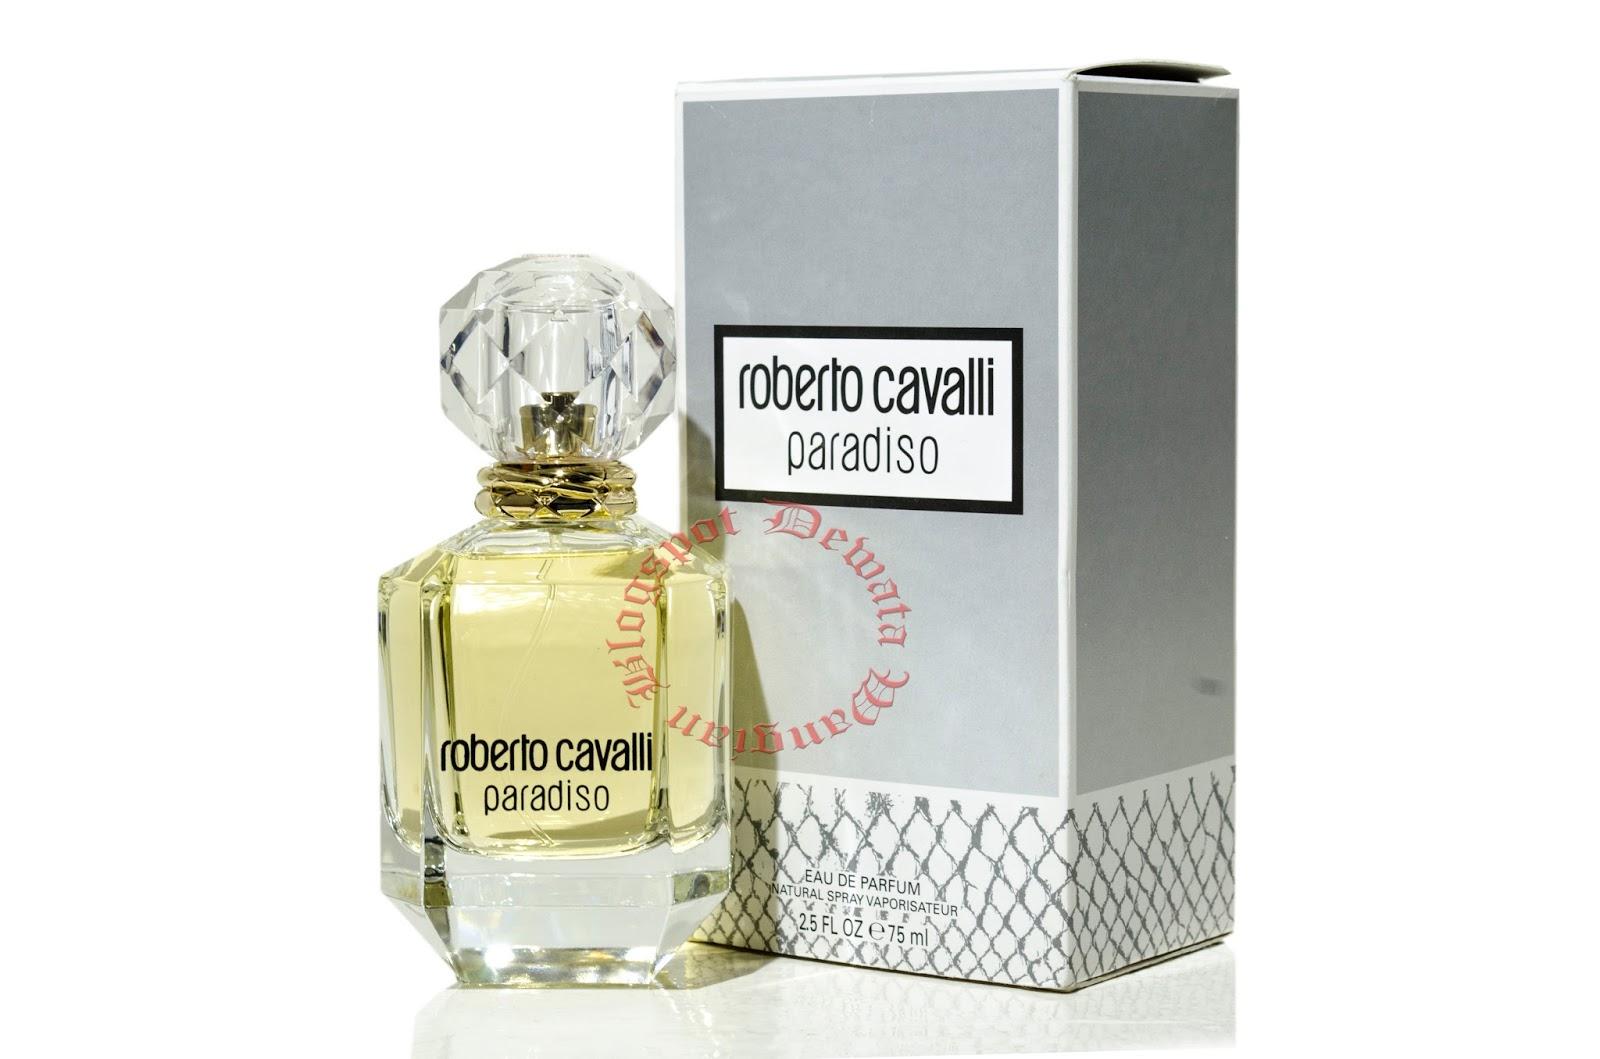 Wangianperfume Cosmetic Original Terbaik Parfum Adidas Get Ready Roberto Cavalli Paradiso Tester Perfume